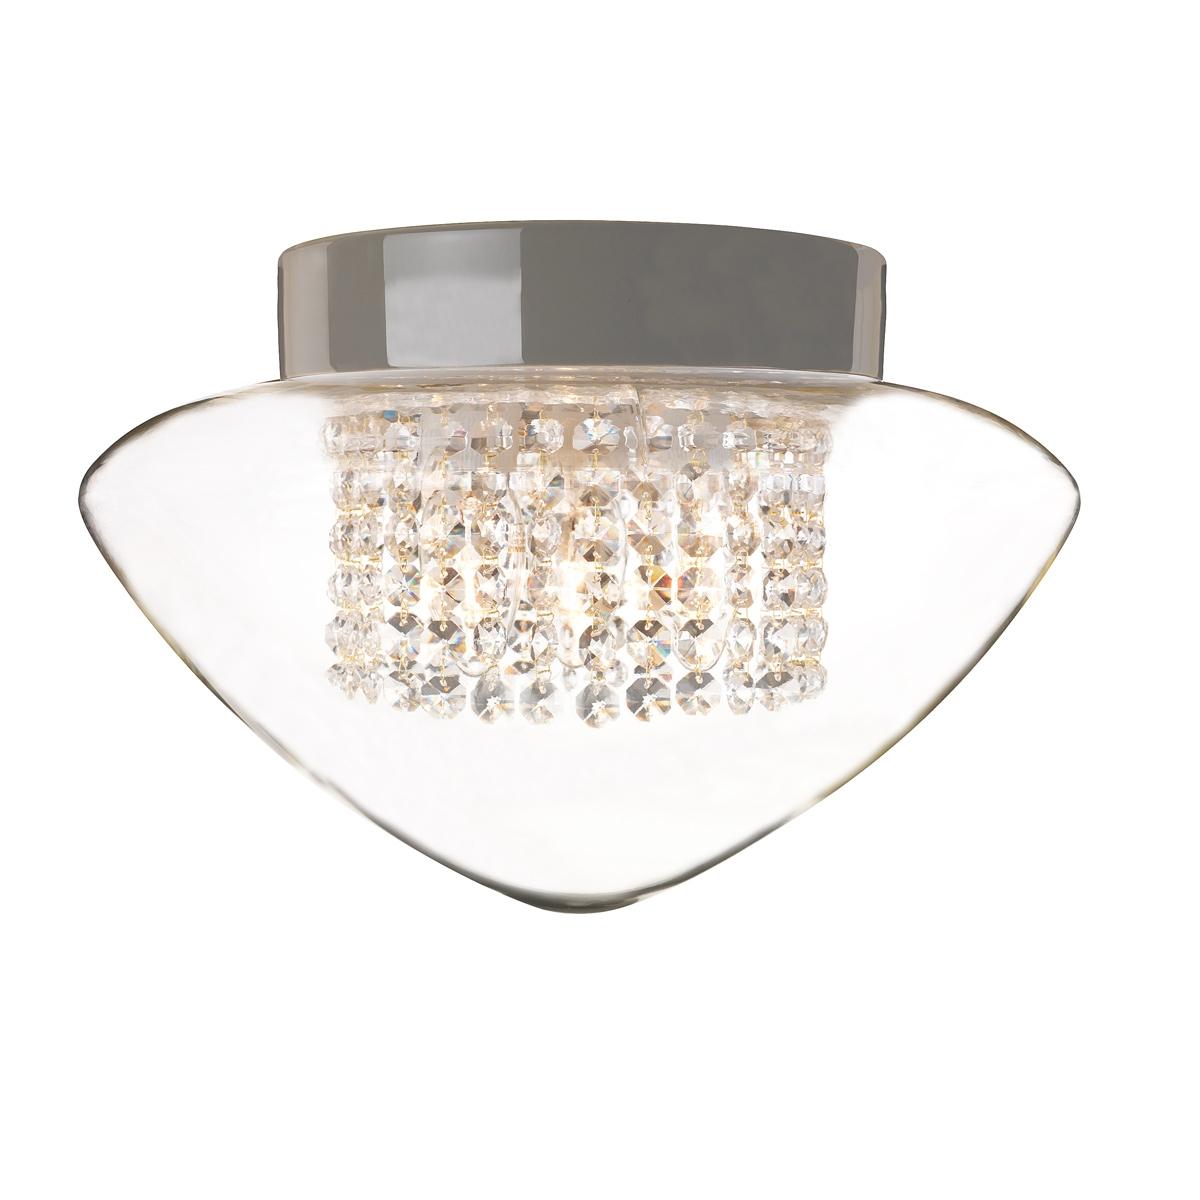 plafonnier moderne en c ramique pour salle de bains avec gouttes en verre cristal. Black Bedroom Furniture Sets. Home Design Ideas